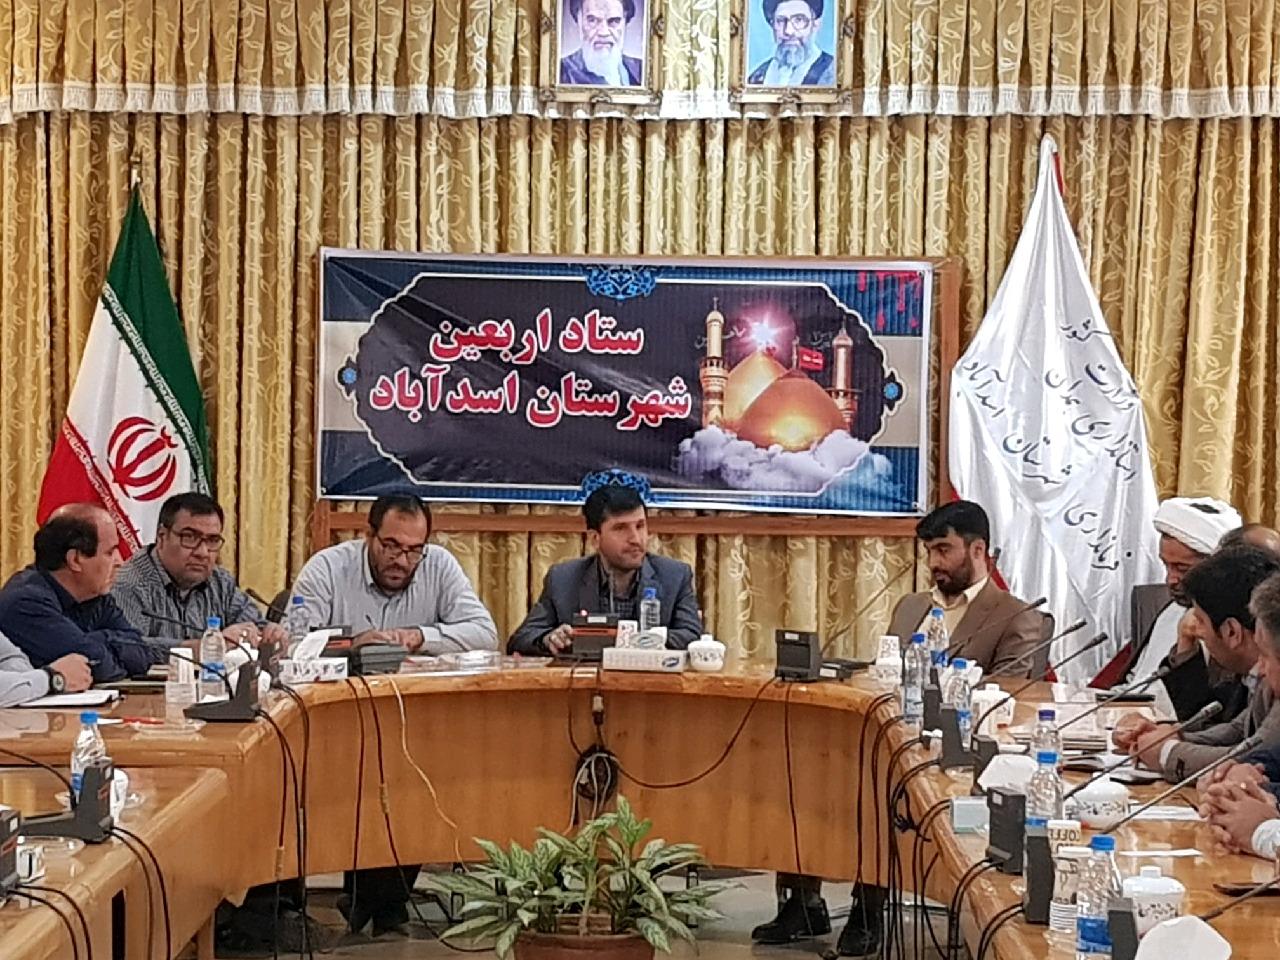 تردد بیش از ۲ میلیون زائر در اربعین از اسدآباد/ تشکیل ۱۵ کمیته در ستاد اربعین